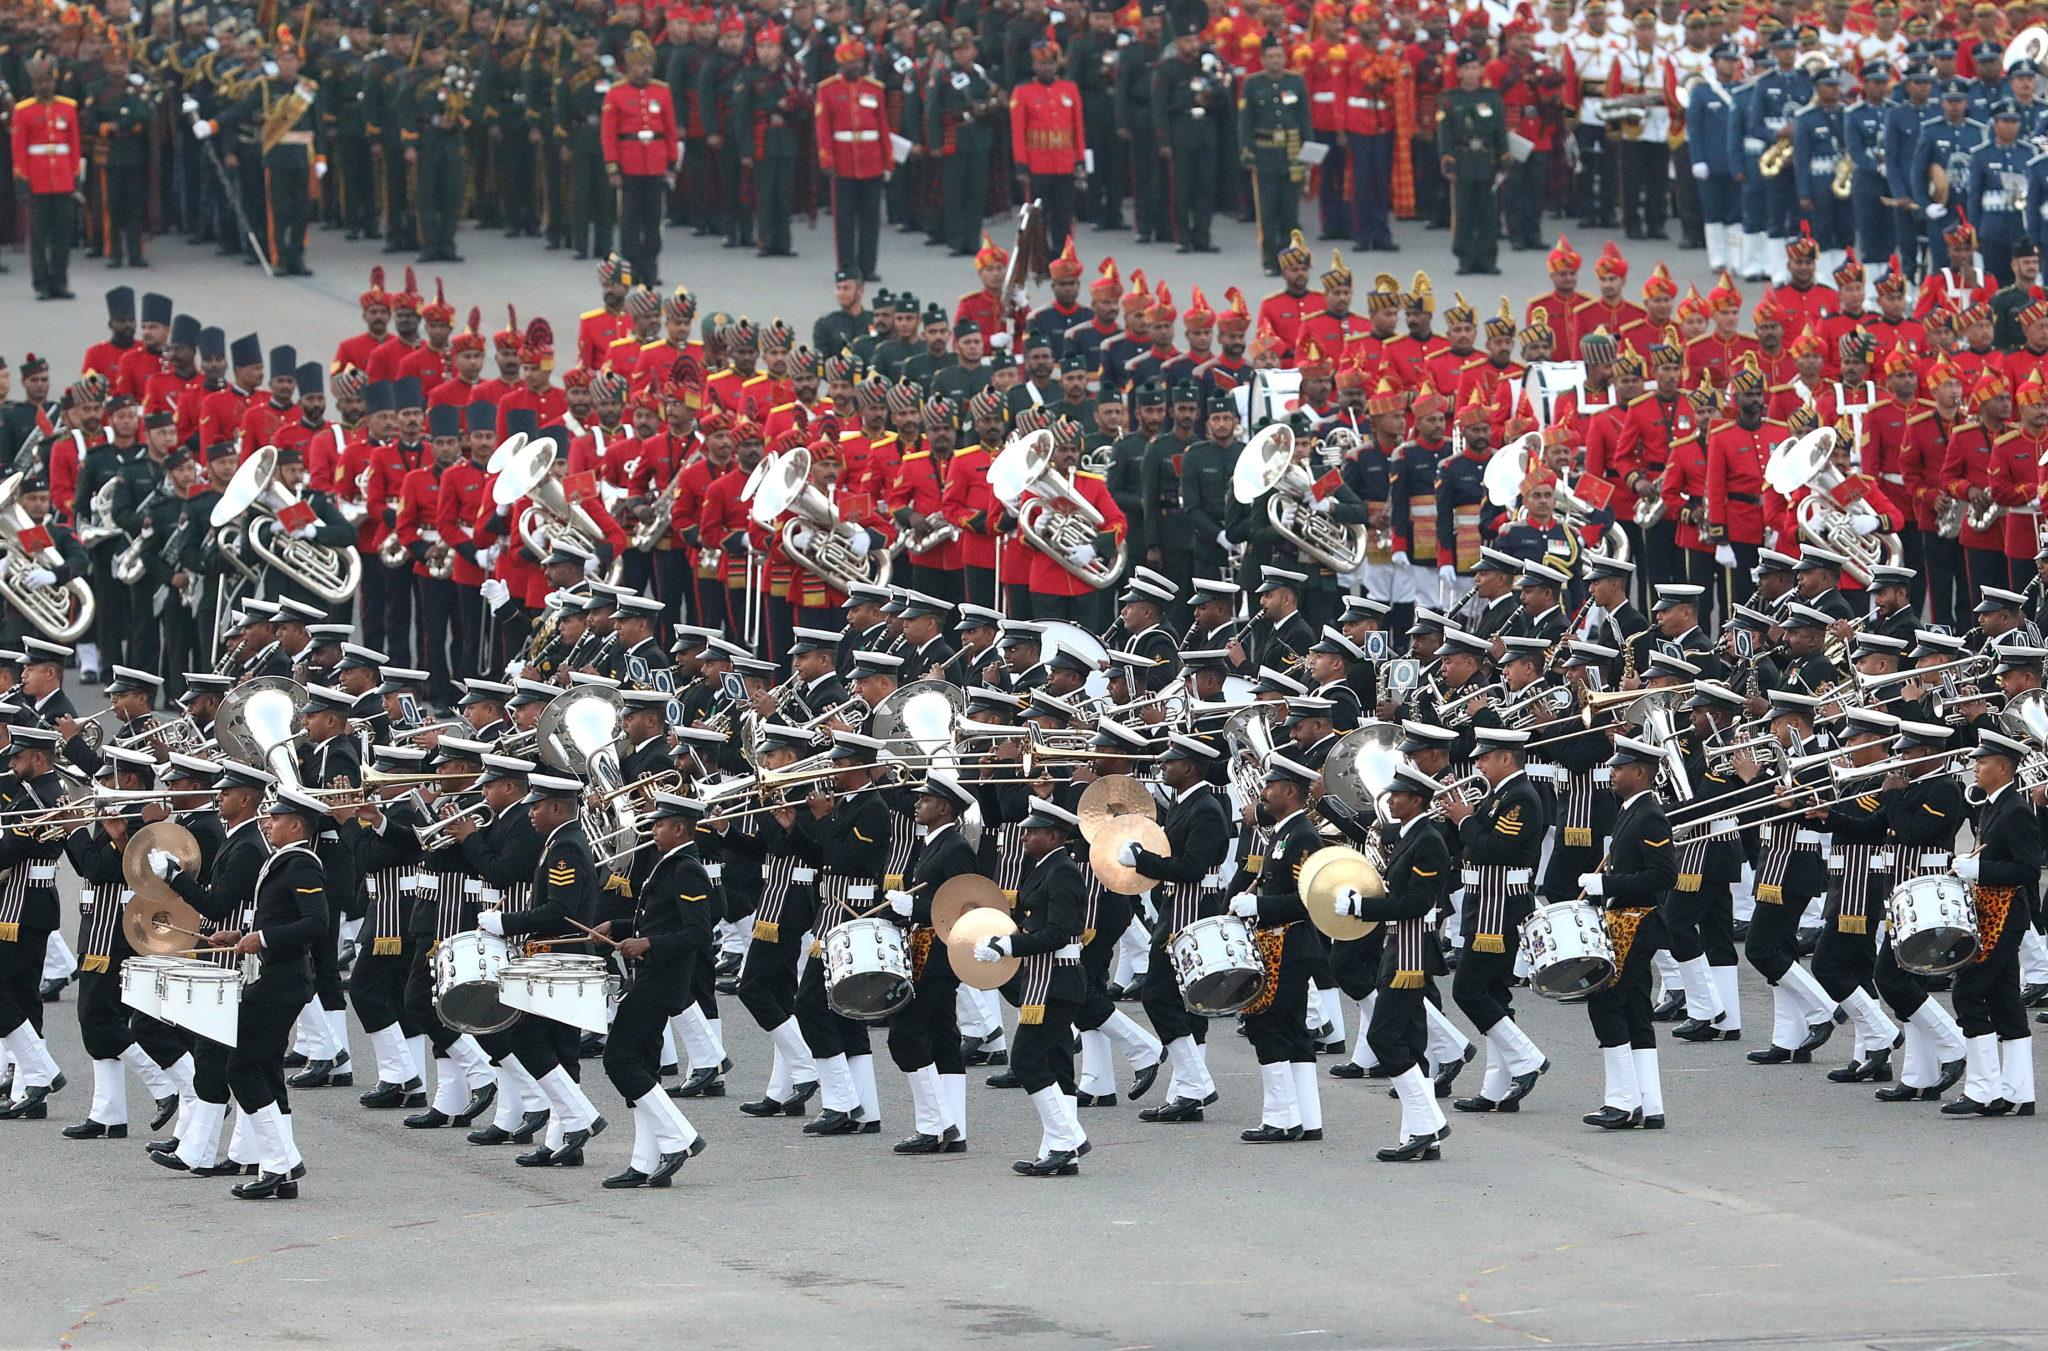 Świąteczna Parada wojskowa w indiach. fot. EPA/HARISH TYAGI